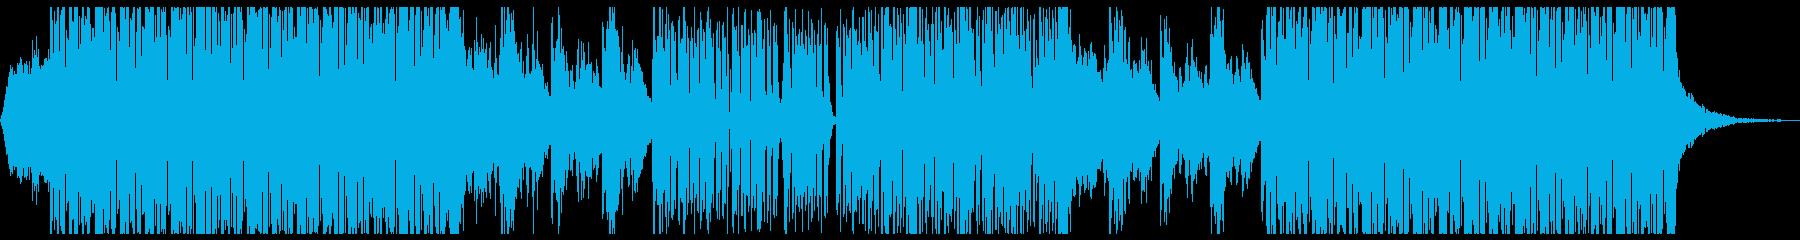 浮遊感ポップス ドリーミーポップの再生済みの波形